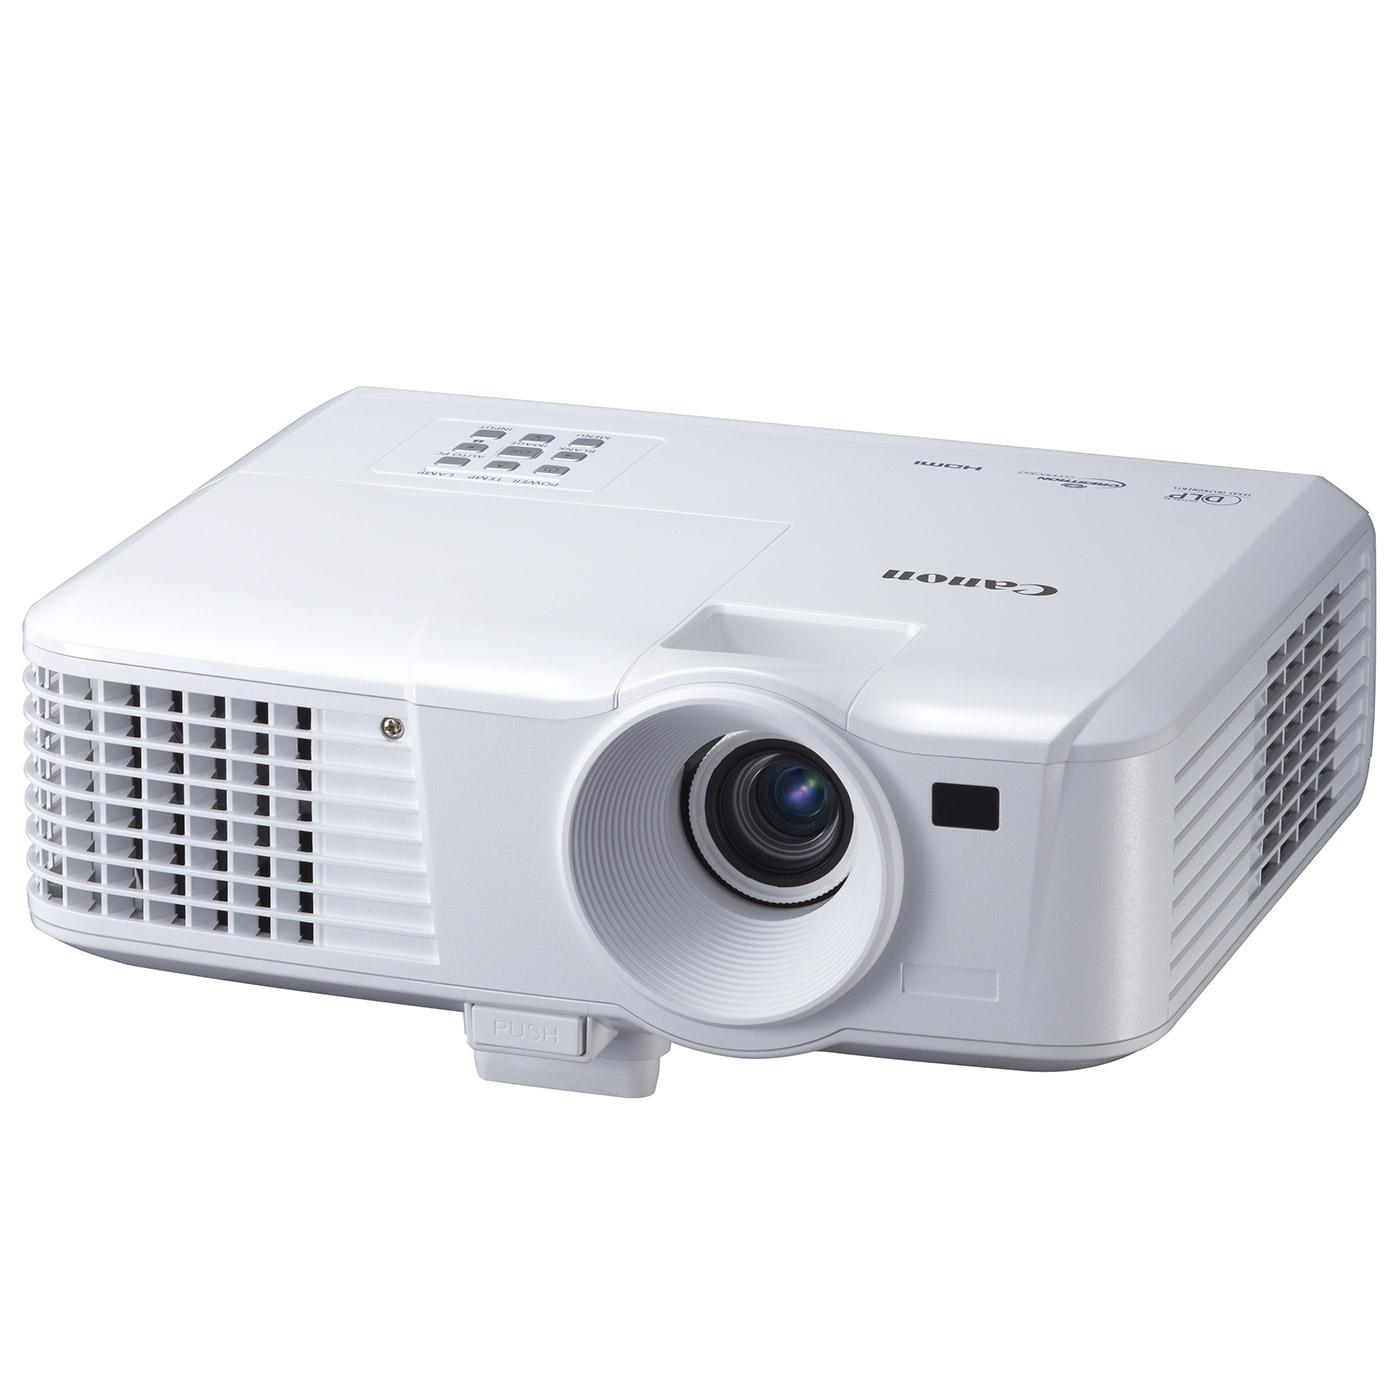 Vidéoprojecteur Canon LV-X300 Vidéoprojecteur DLP XGA 3000 Lumens HDMI (garantie constructeur 3 ans)